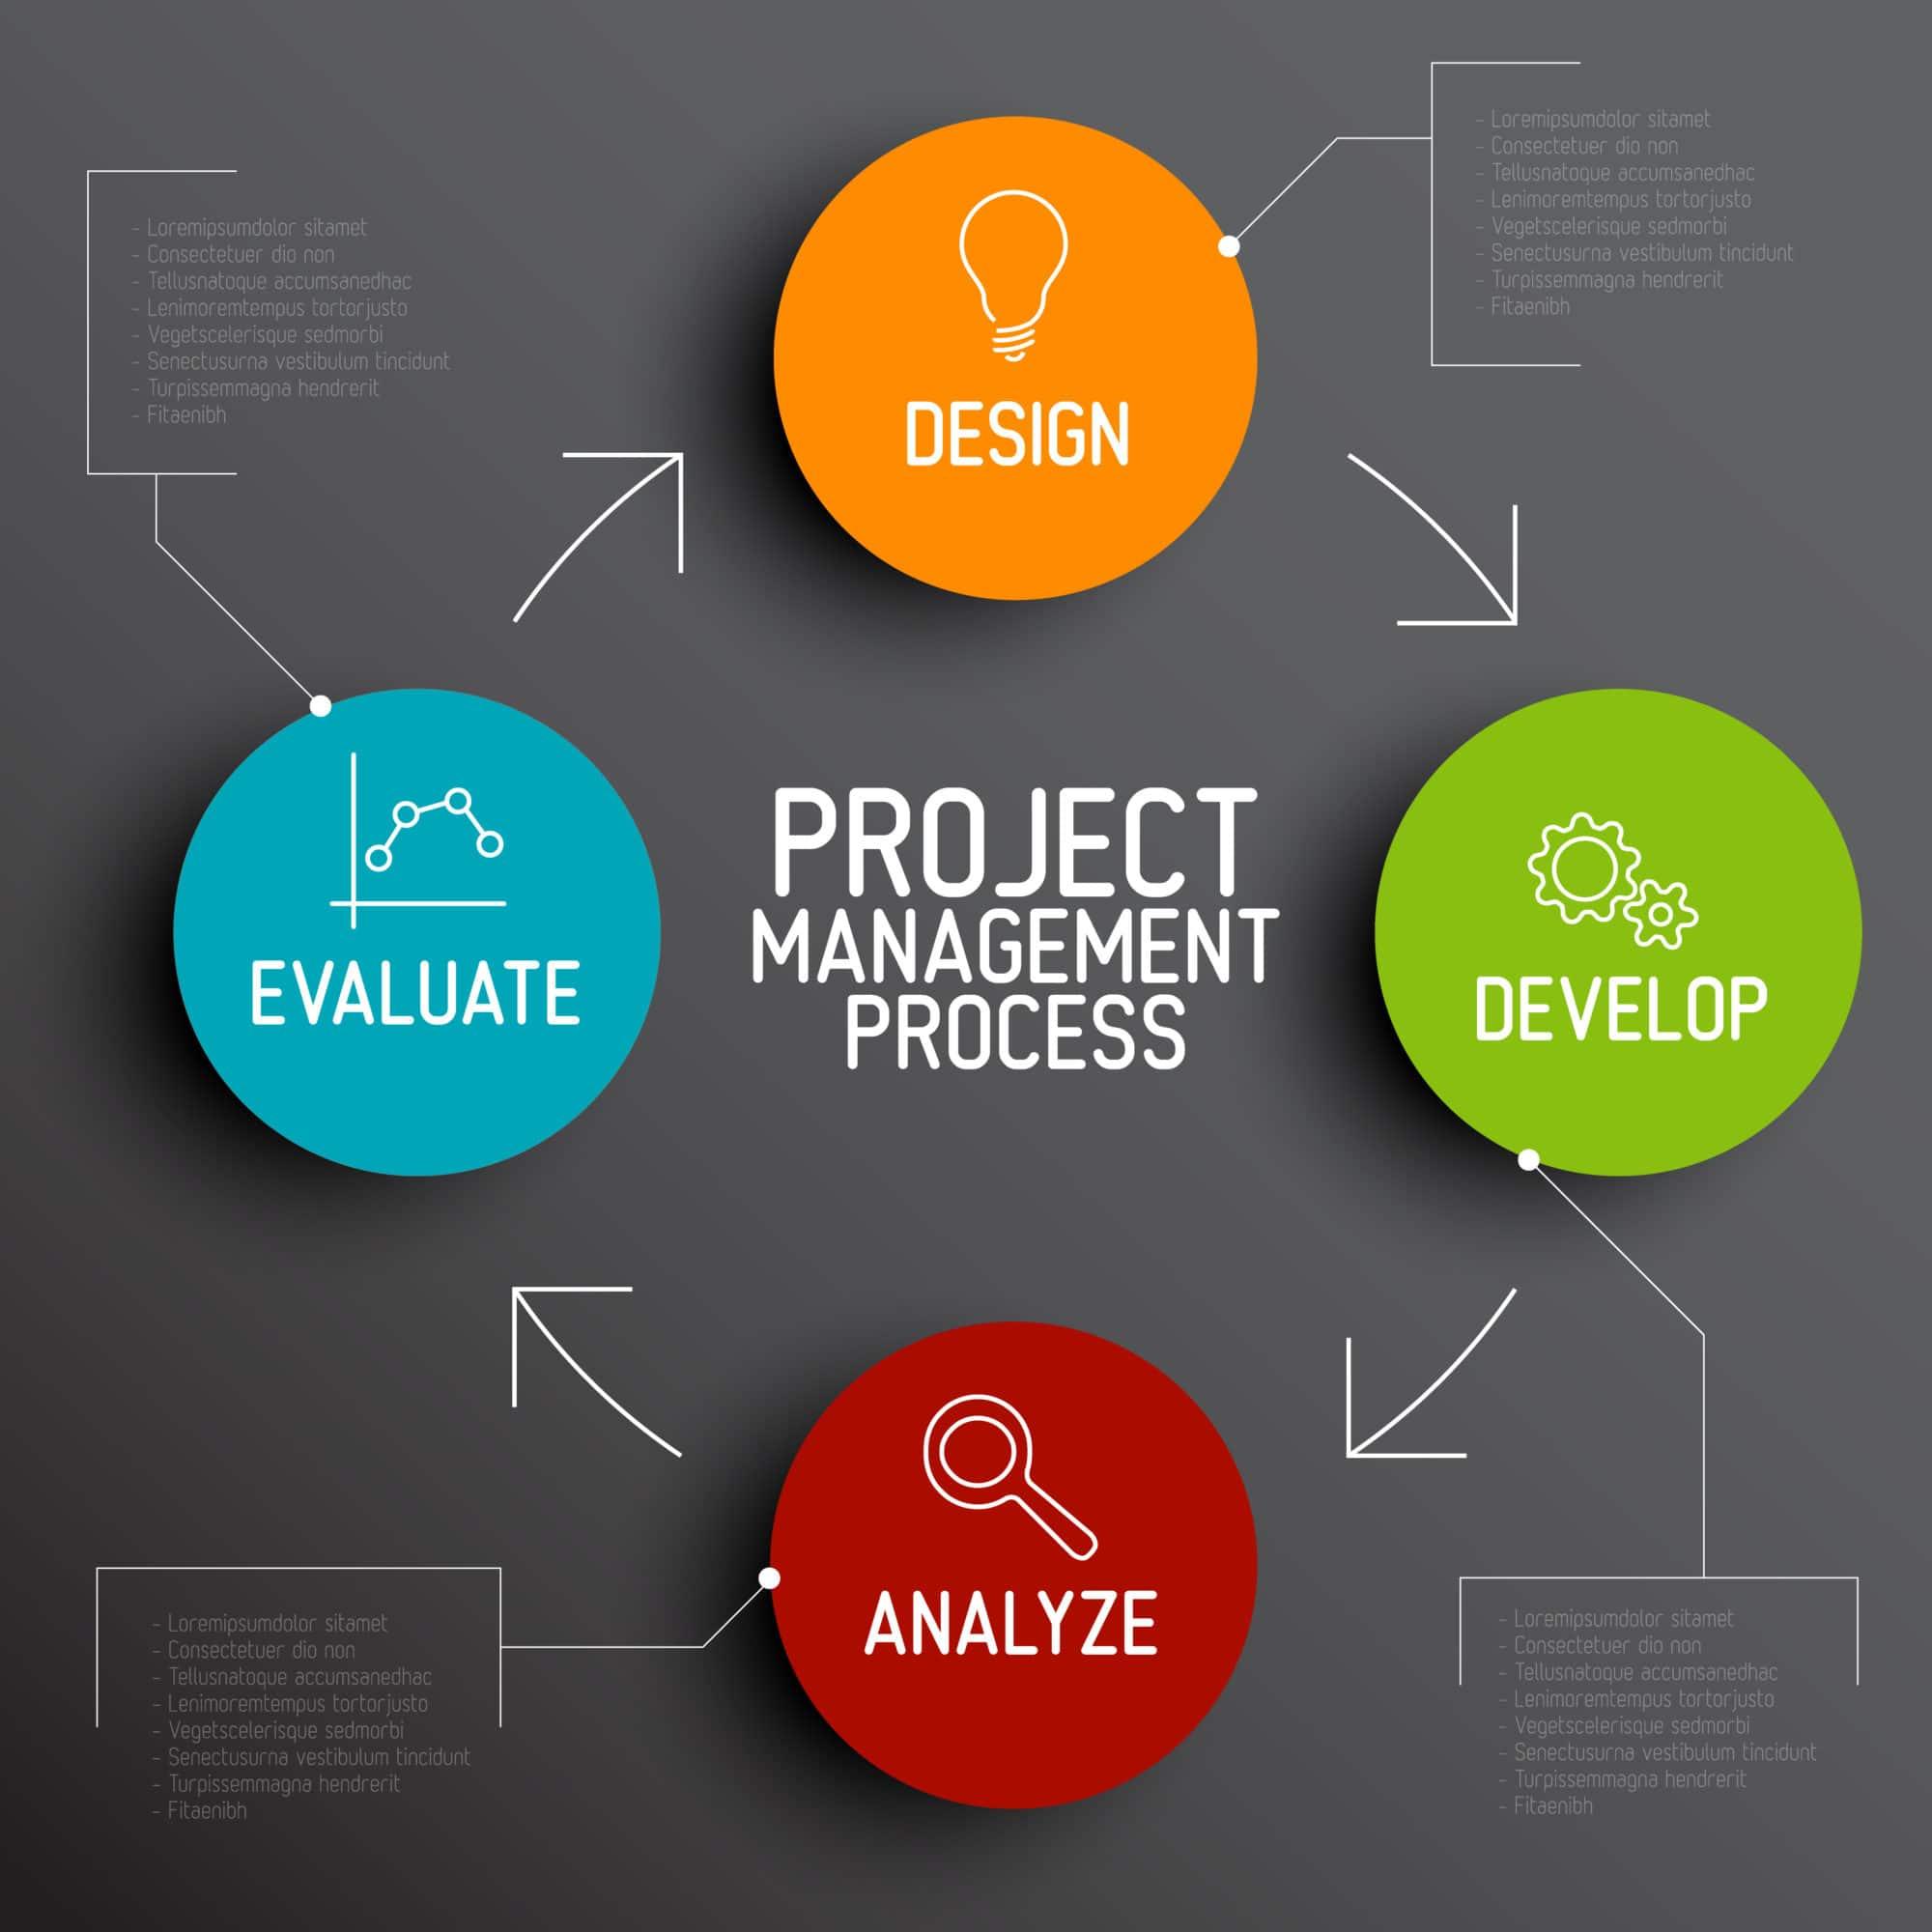 5 conseils pour une bonne gestion de projet